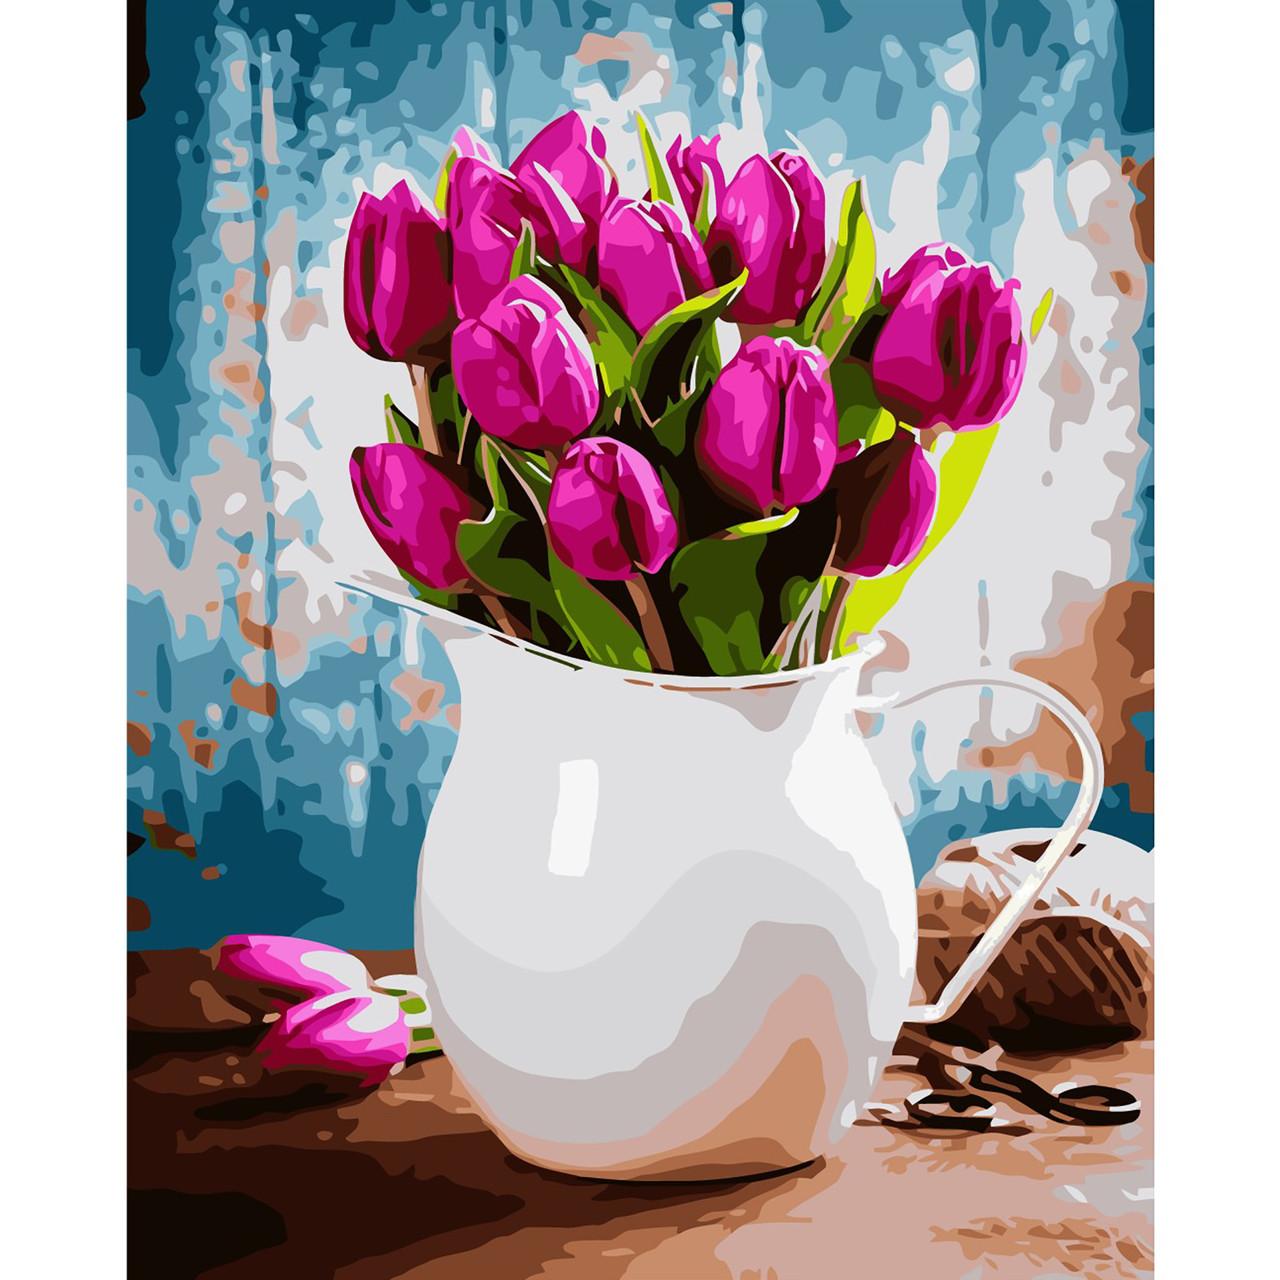 """Картина за номерами VA-1945 """"Глечик з фіолетовими тюльпанами"""", розміром 40х50 см в коробці"""